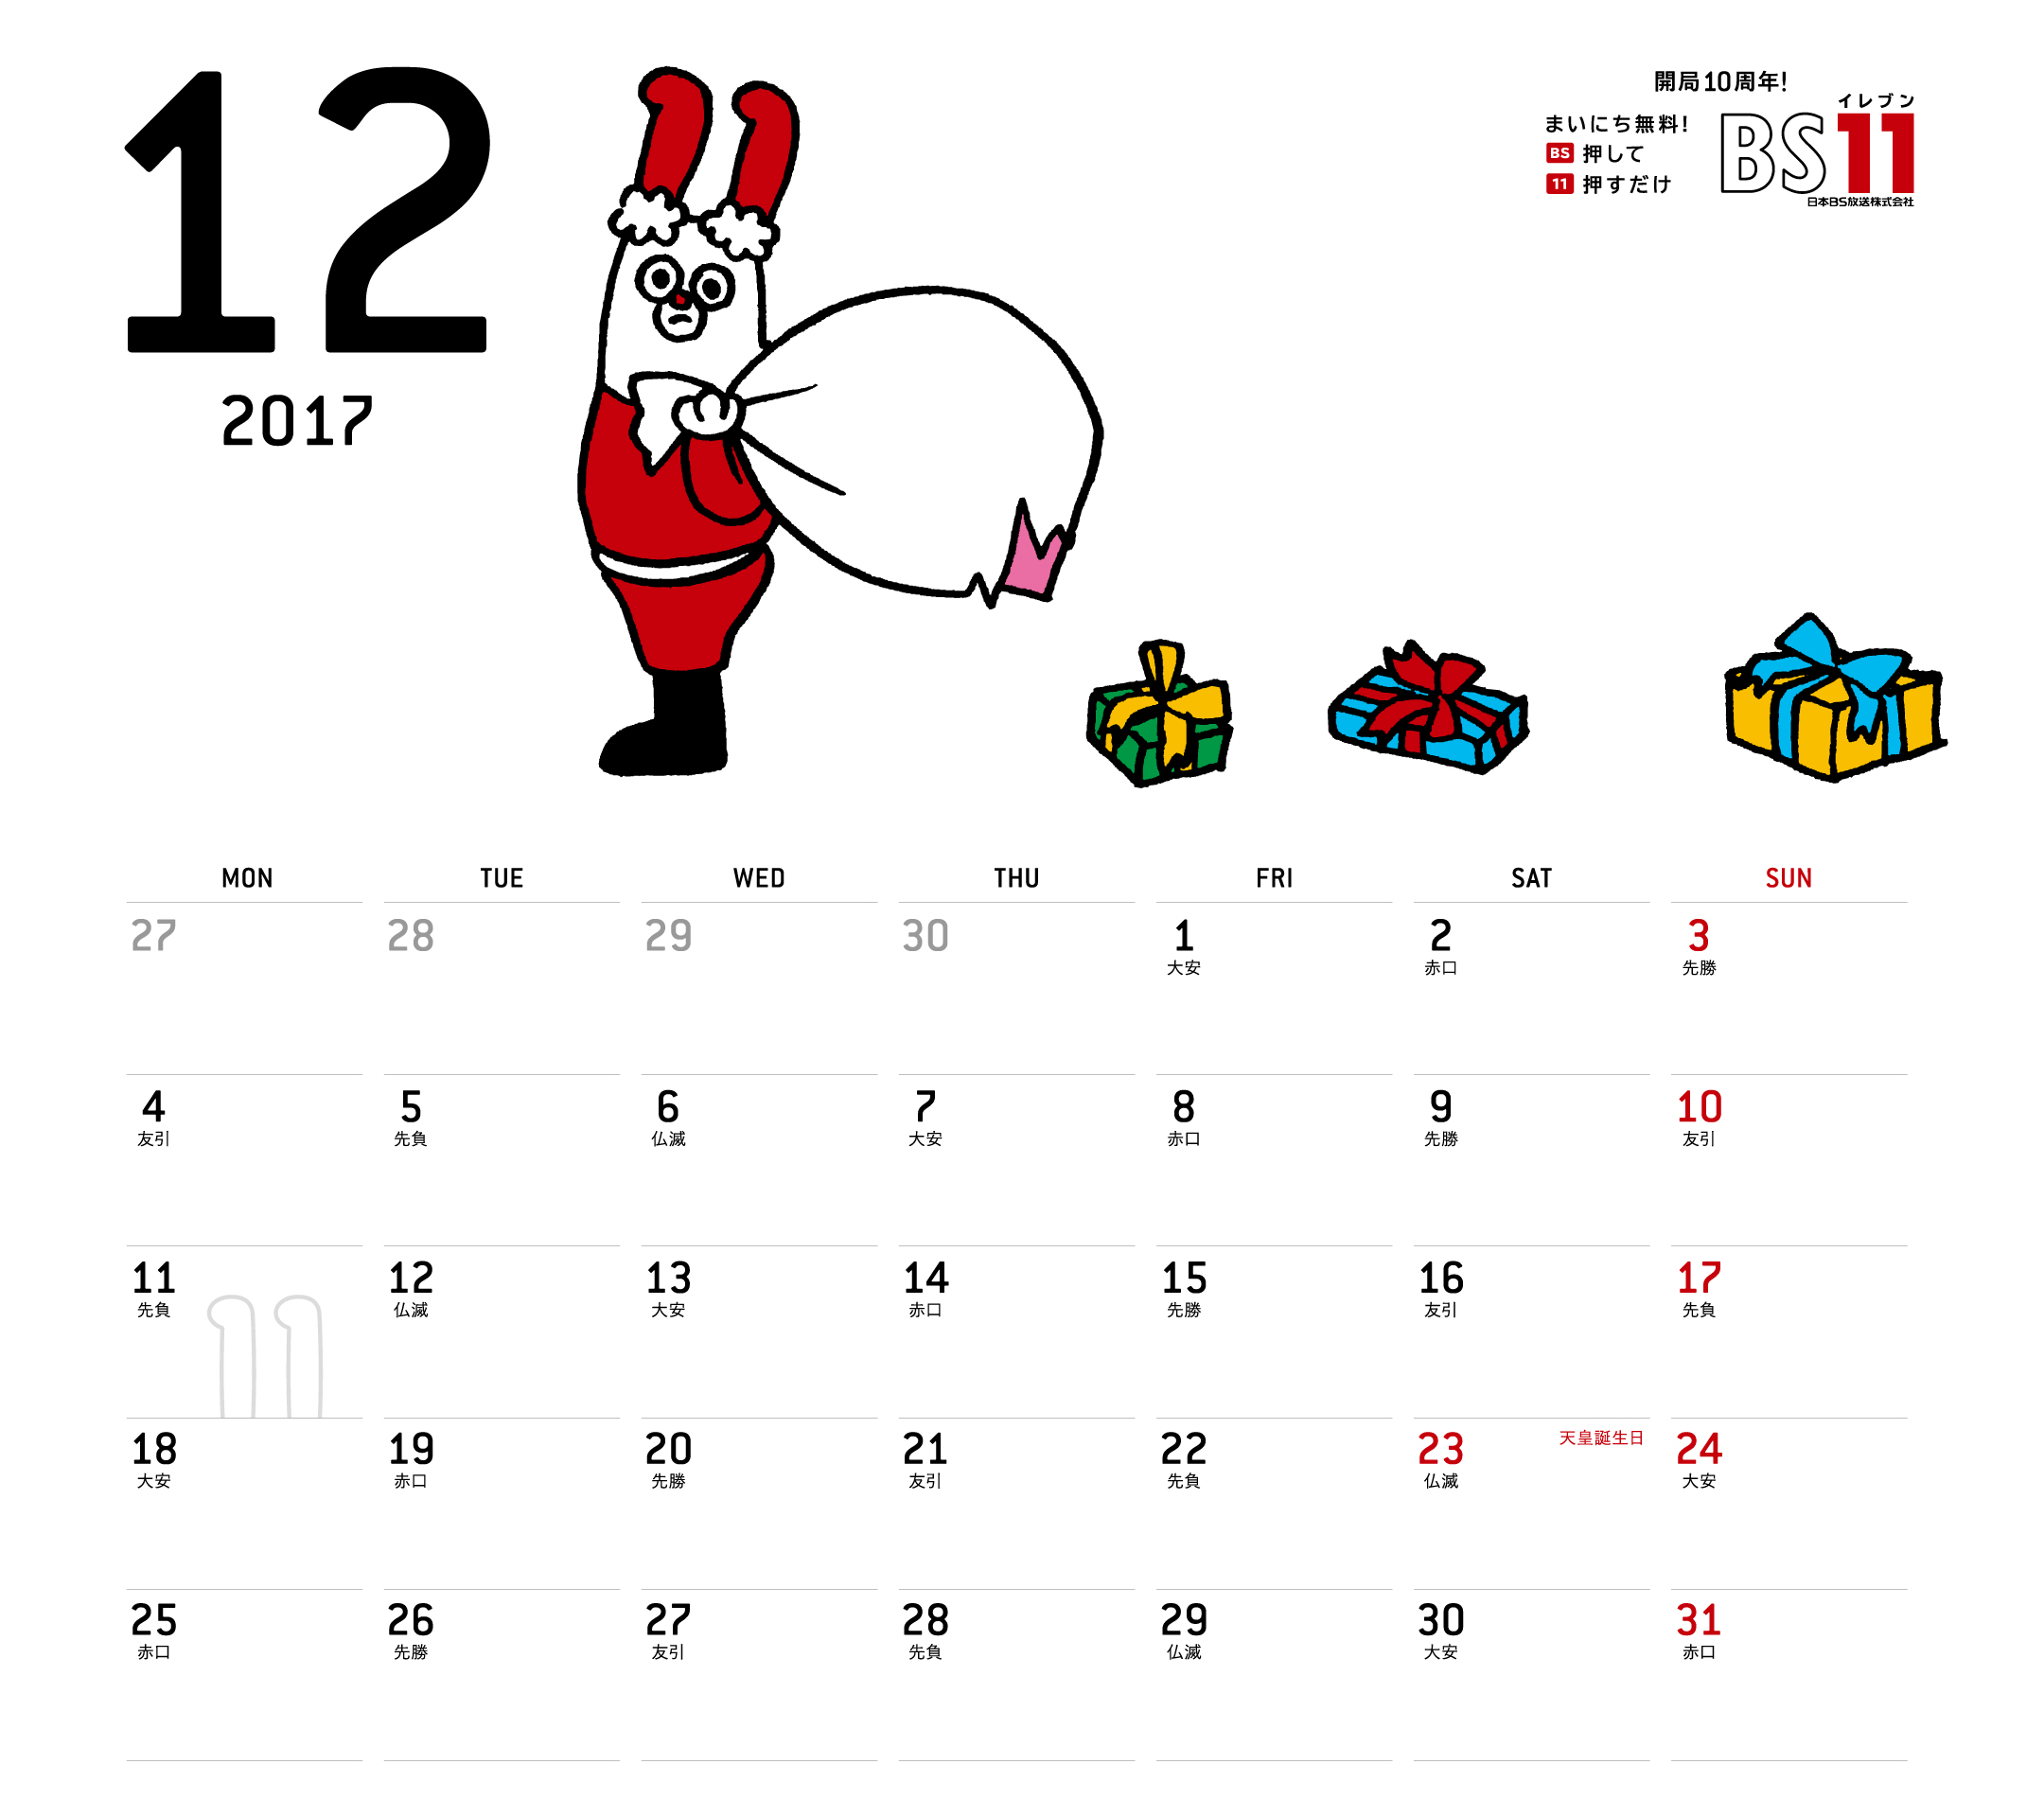 デジタルカレンダー2017年12月 bs11